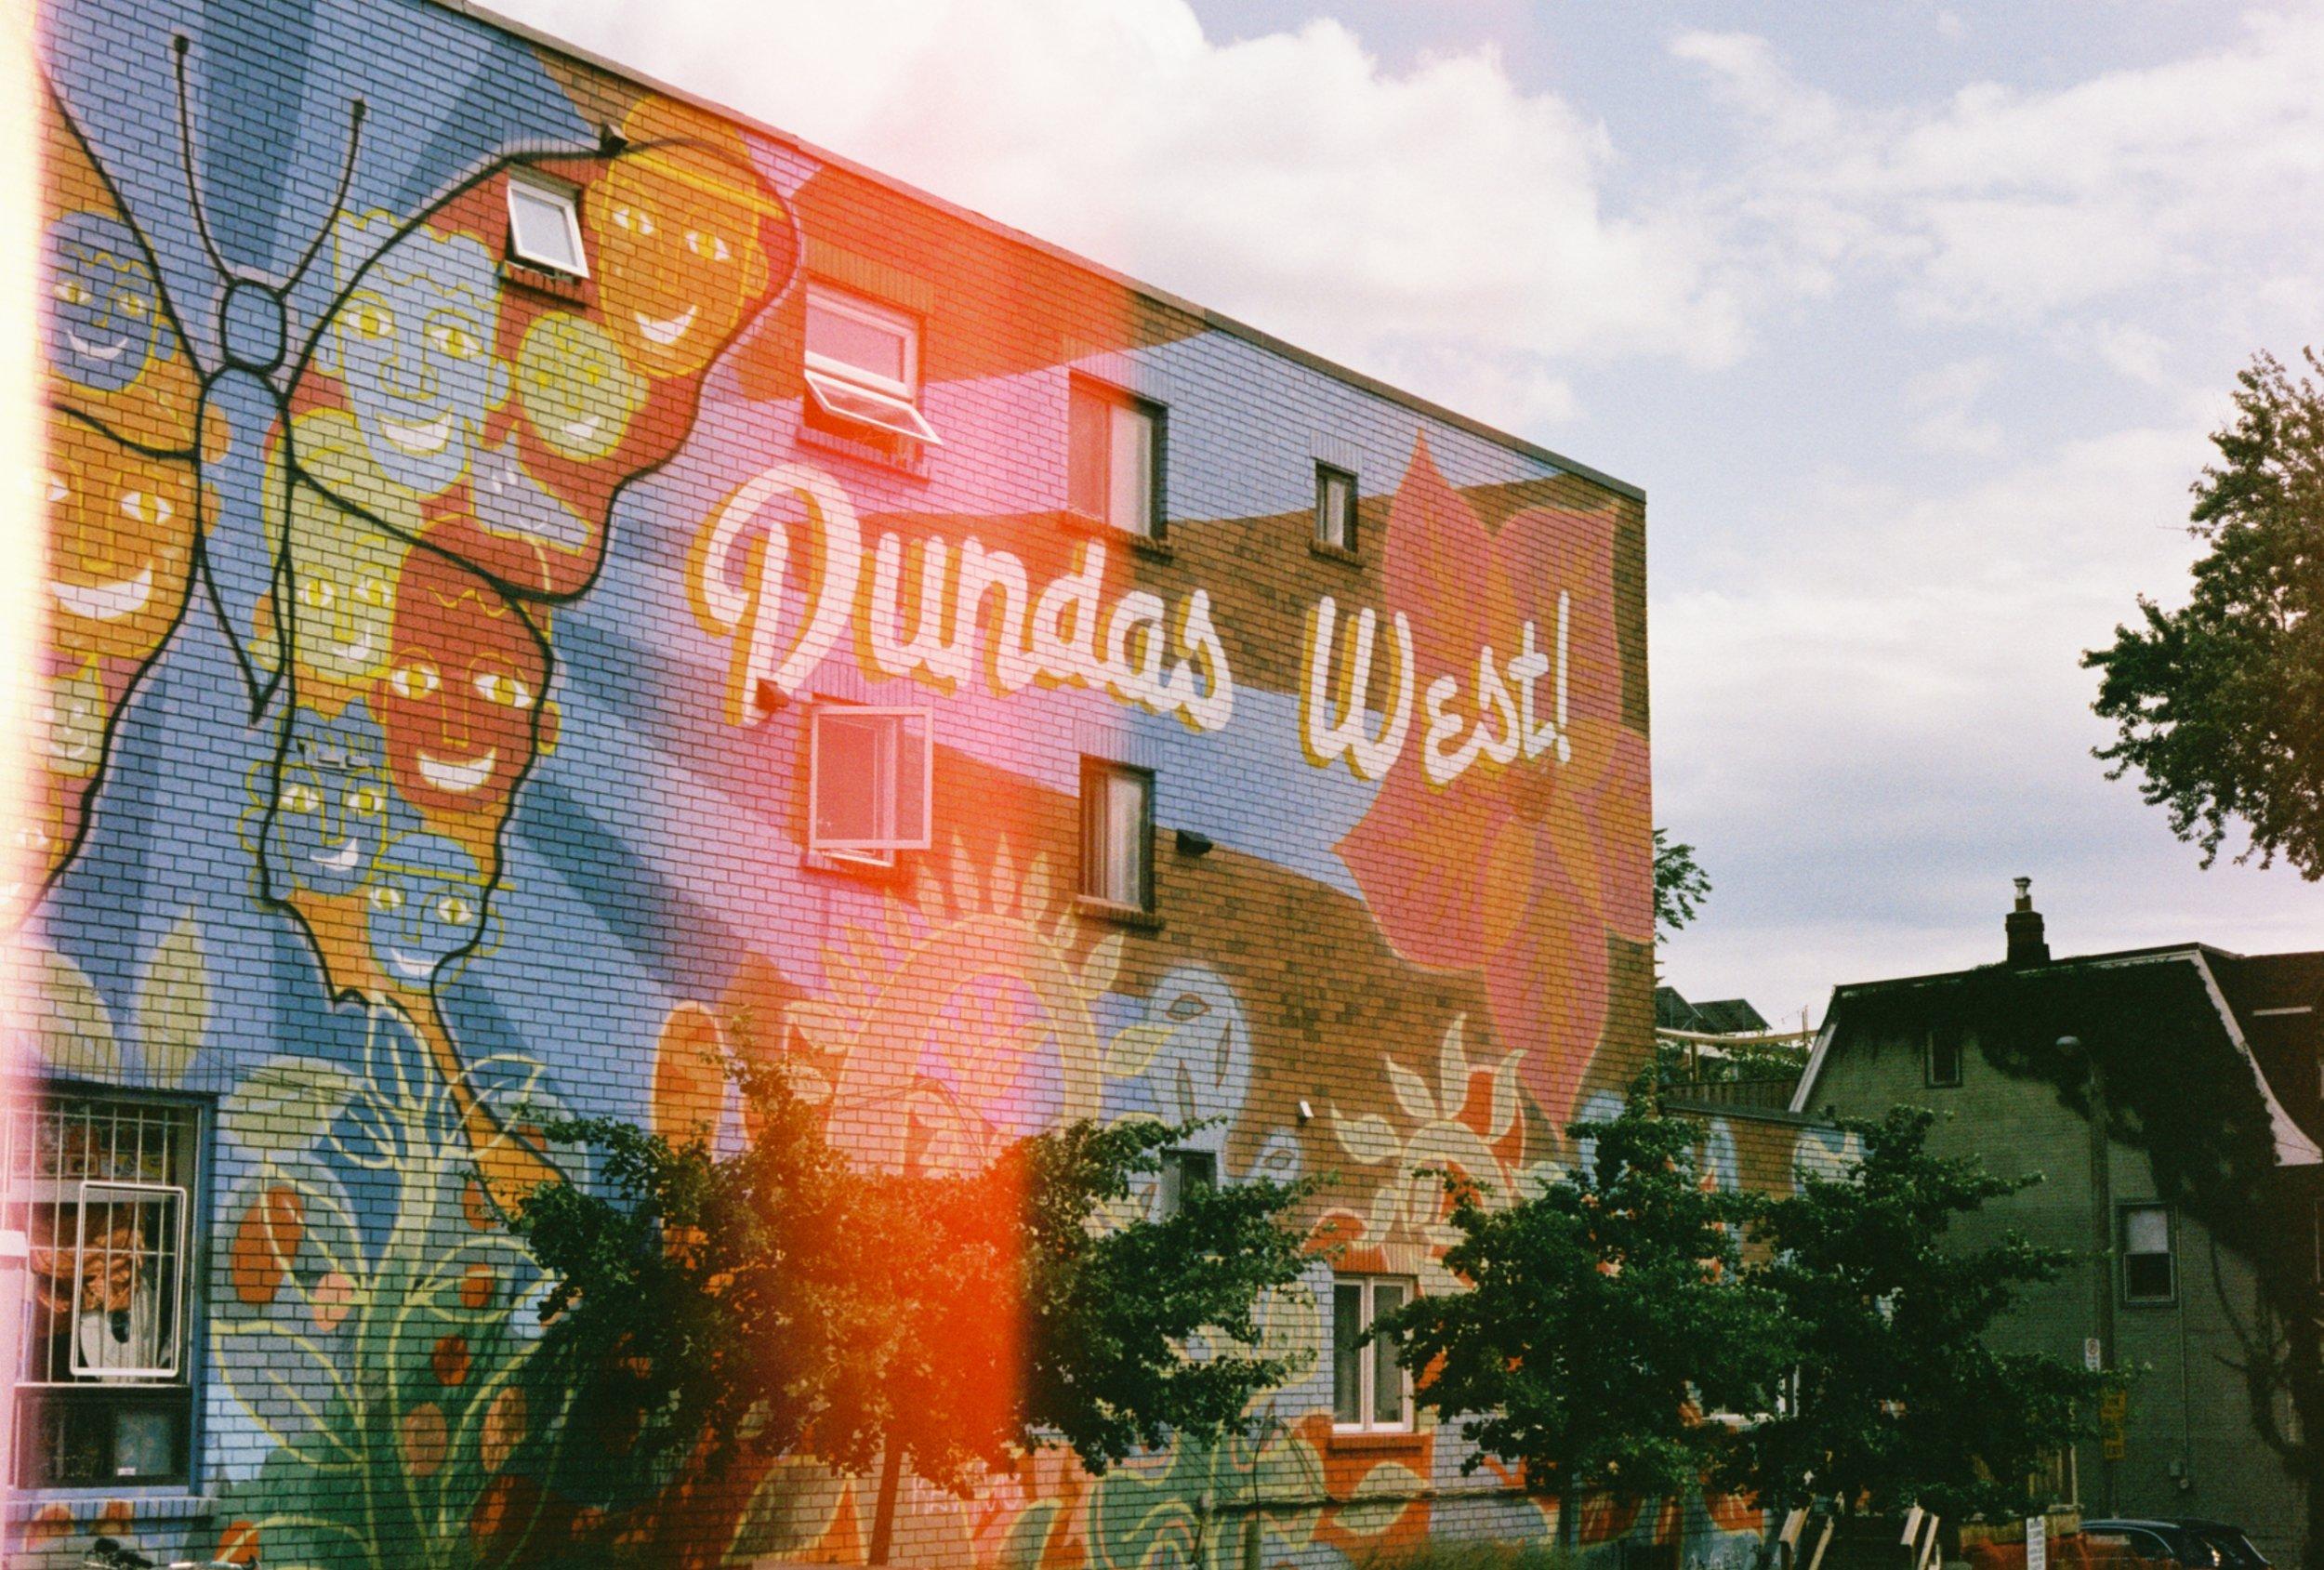 Dundas West - 35 mm - Alexandra Scandolo